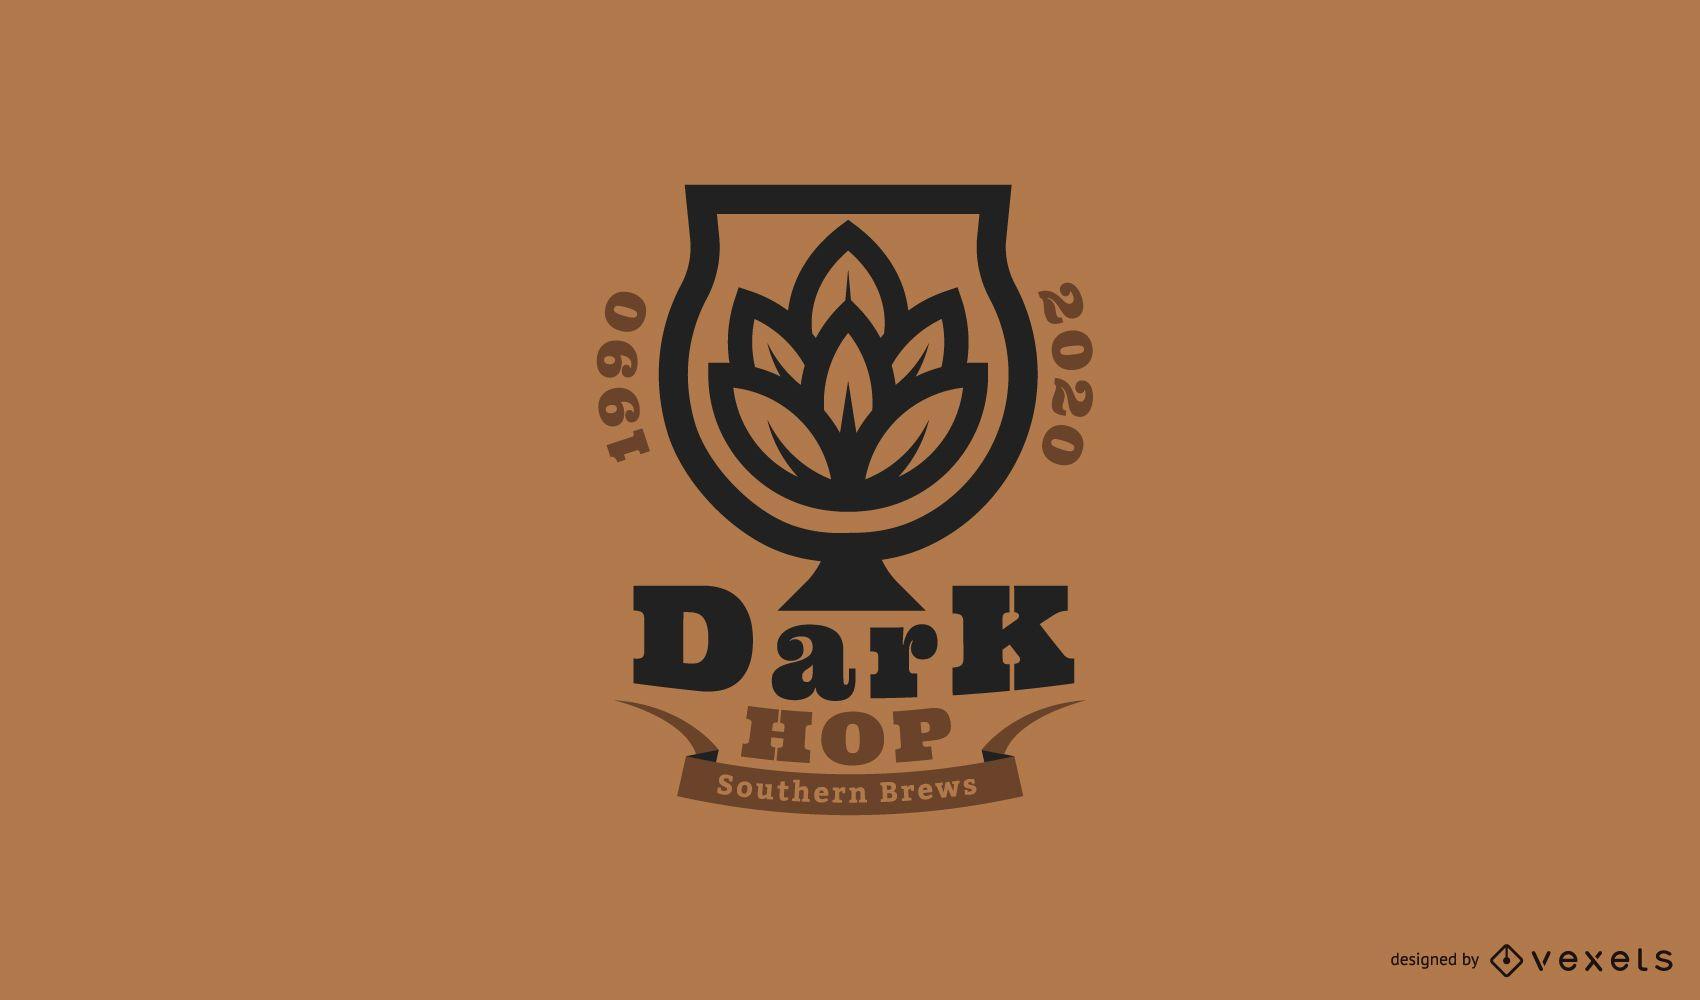 Plantilla de logotipo de cerveza dark hop